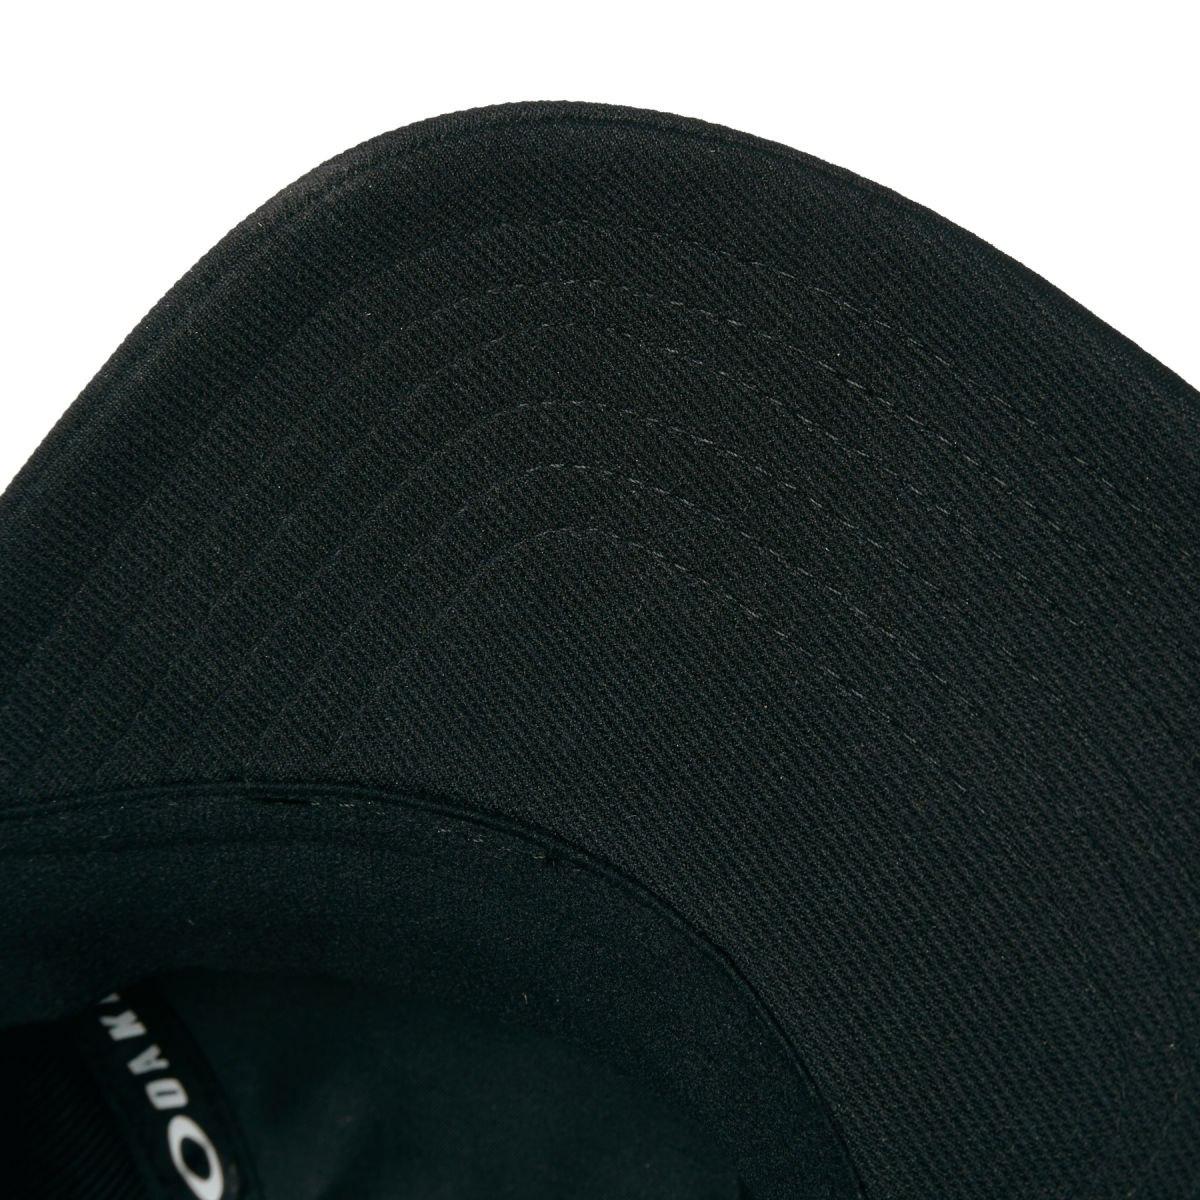 boné oakley tincan cap preto com logo carbon preto. Carregando zoom. 0b4c1082d0a